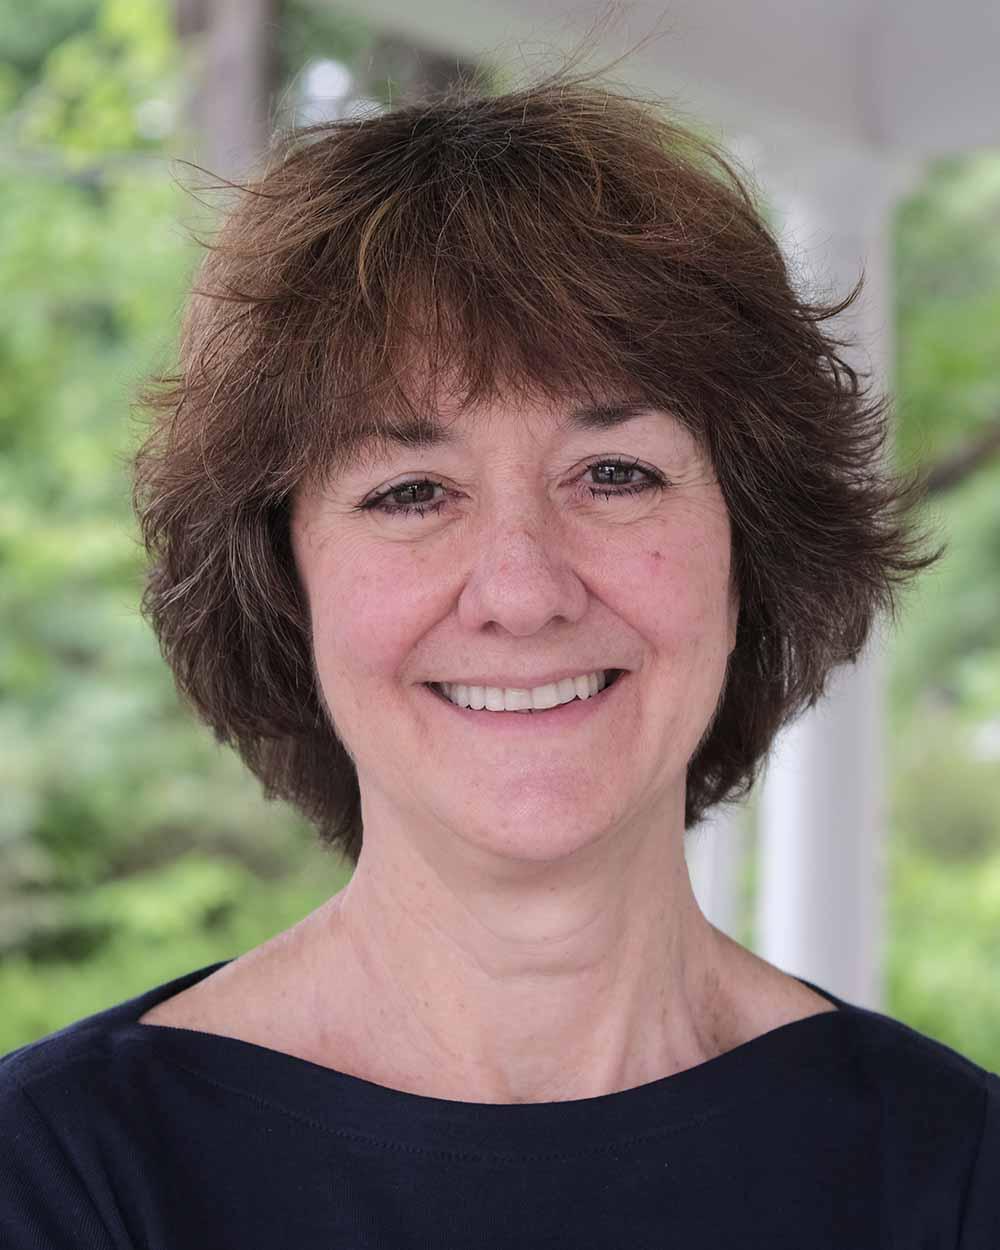 Carol O'Biso